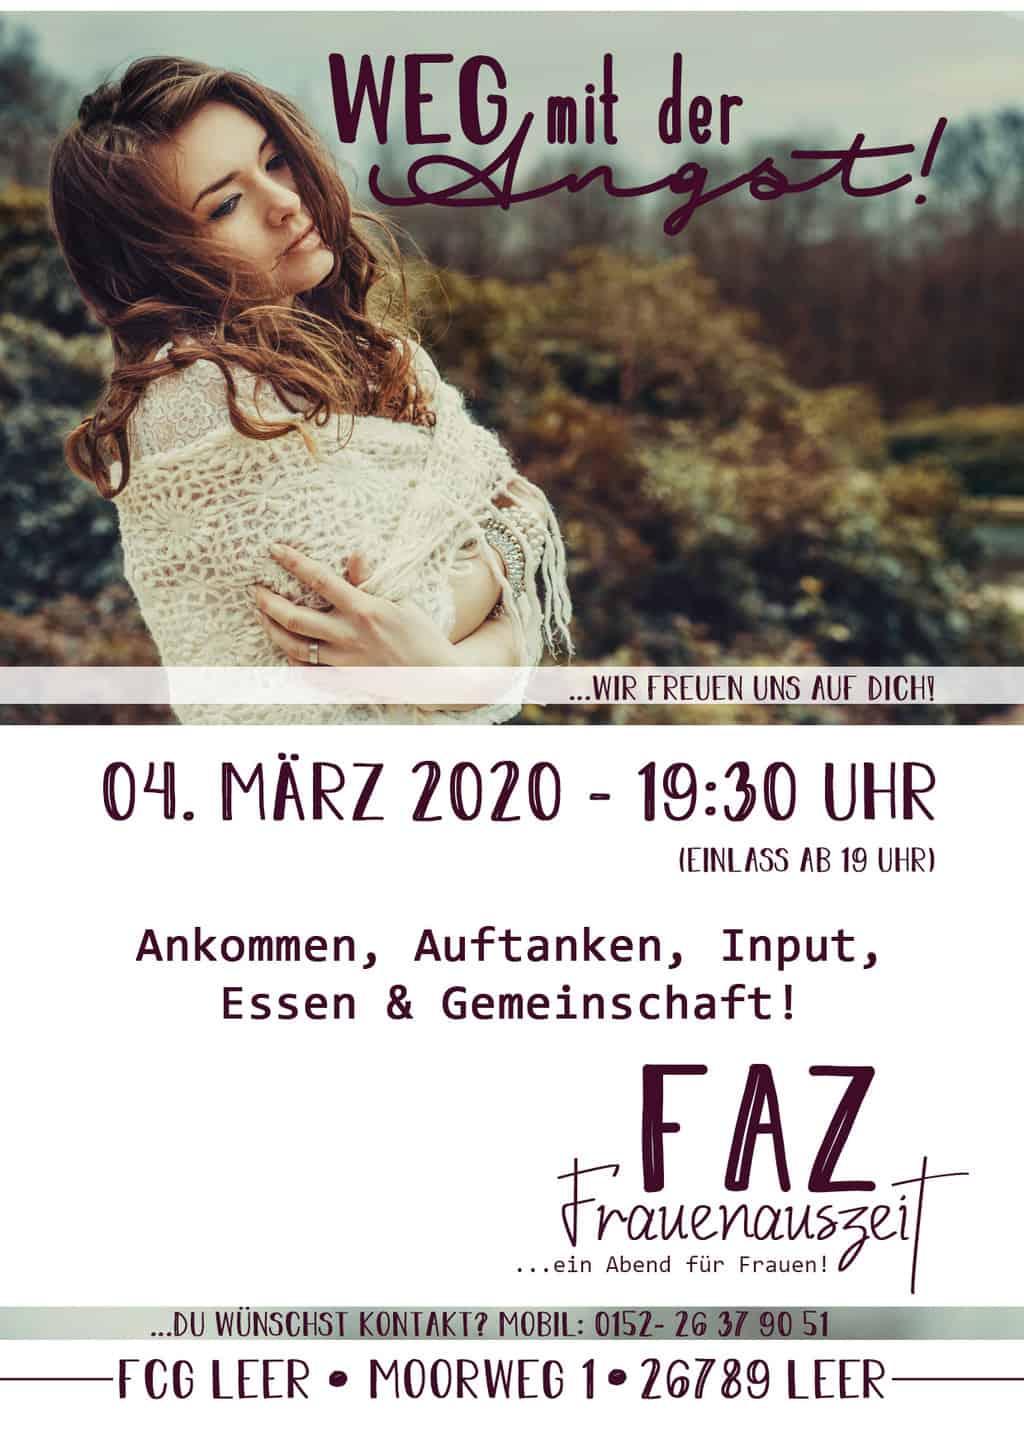 Einladung zur FAZ am 04. März 2020 in den Räumen der Freien Christengemeinde Leer